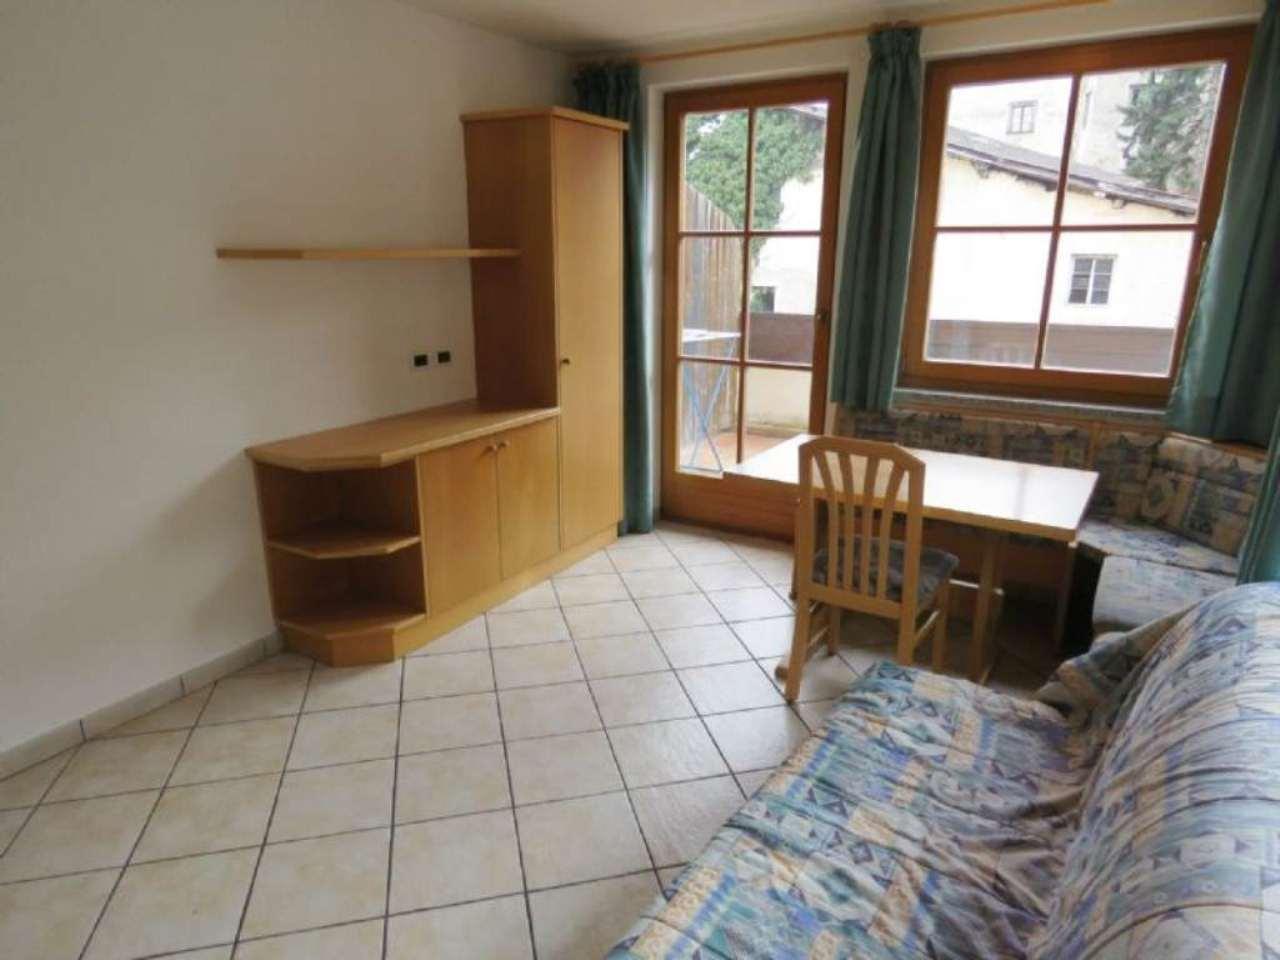 Appartamento in vendita a Tesimo, 2 locali, prezzo € 120.000 | Cambio Casa.it